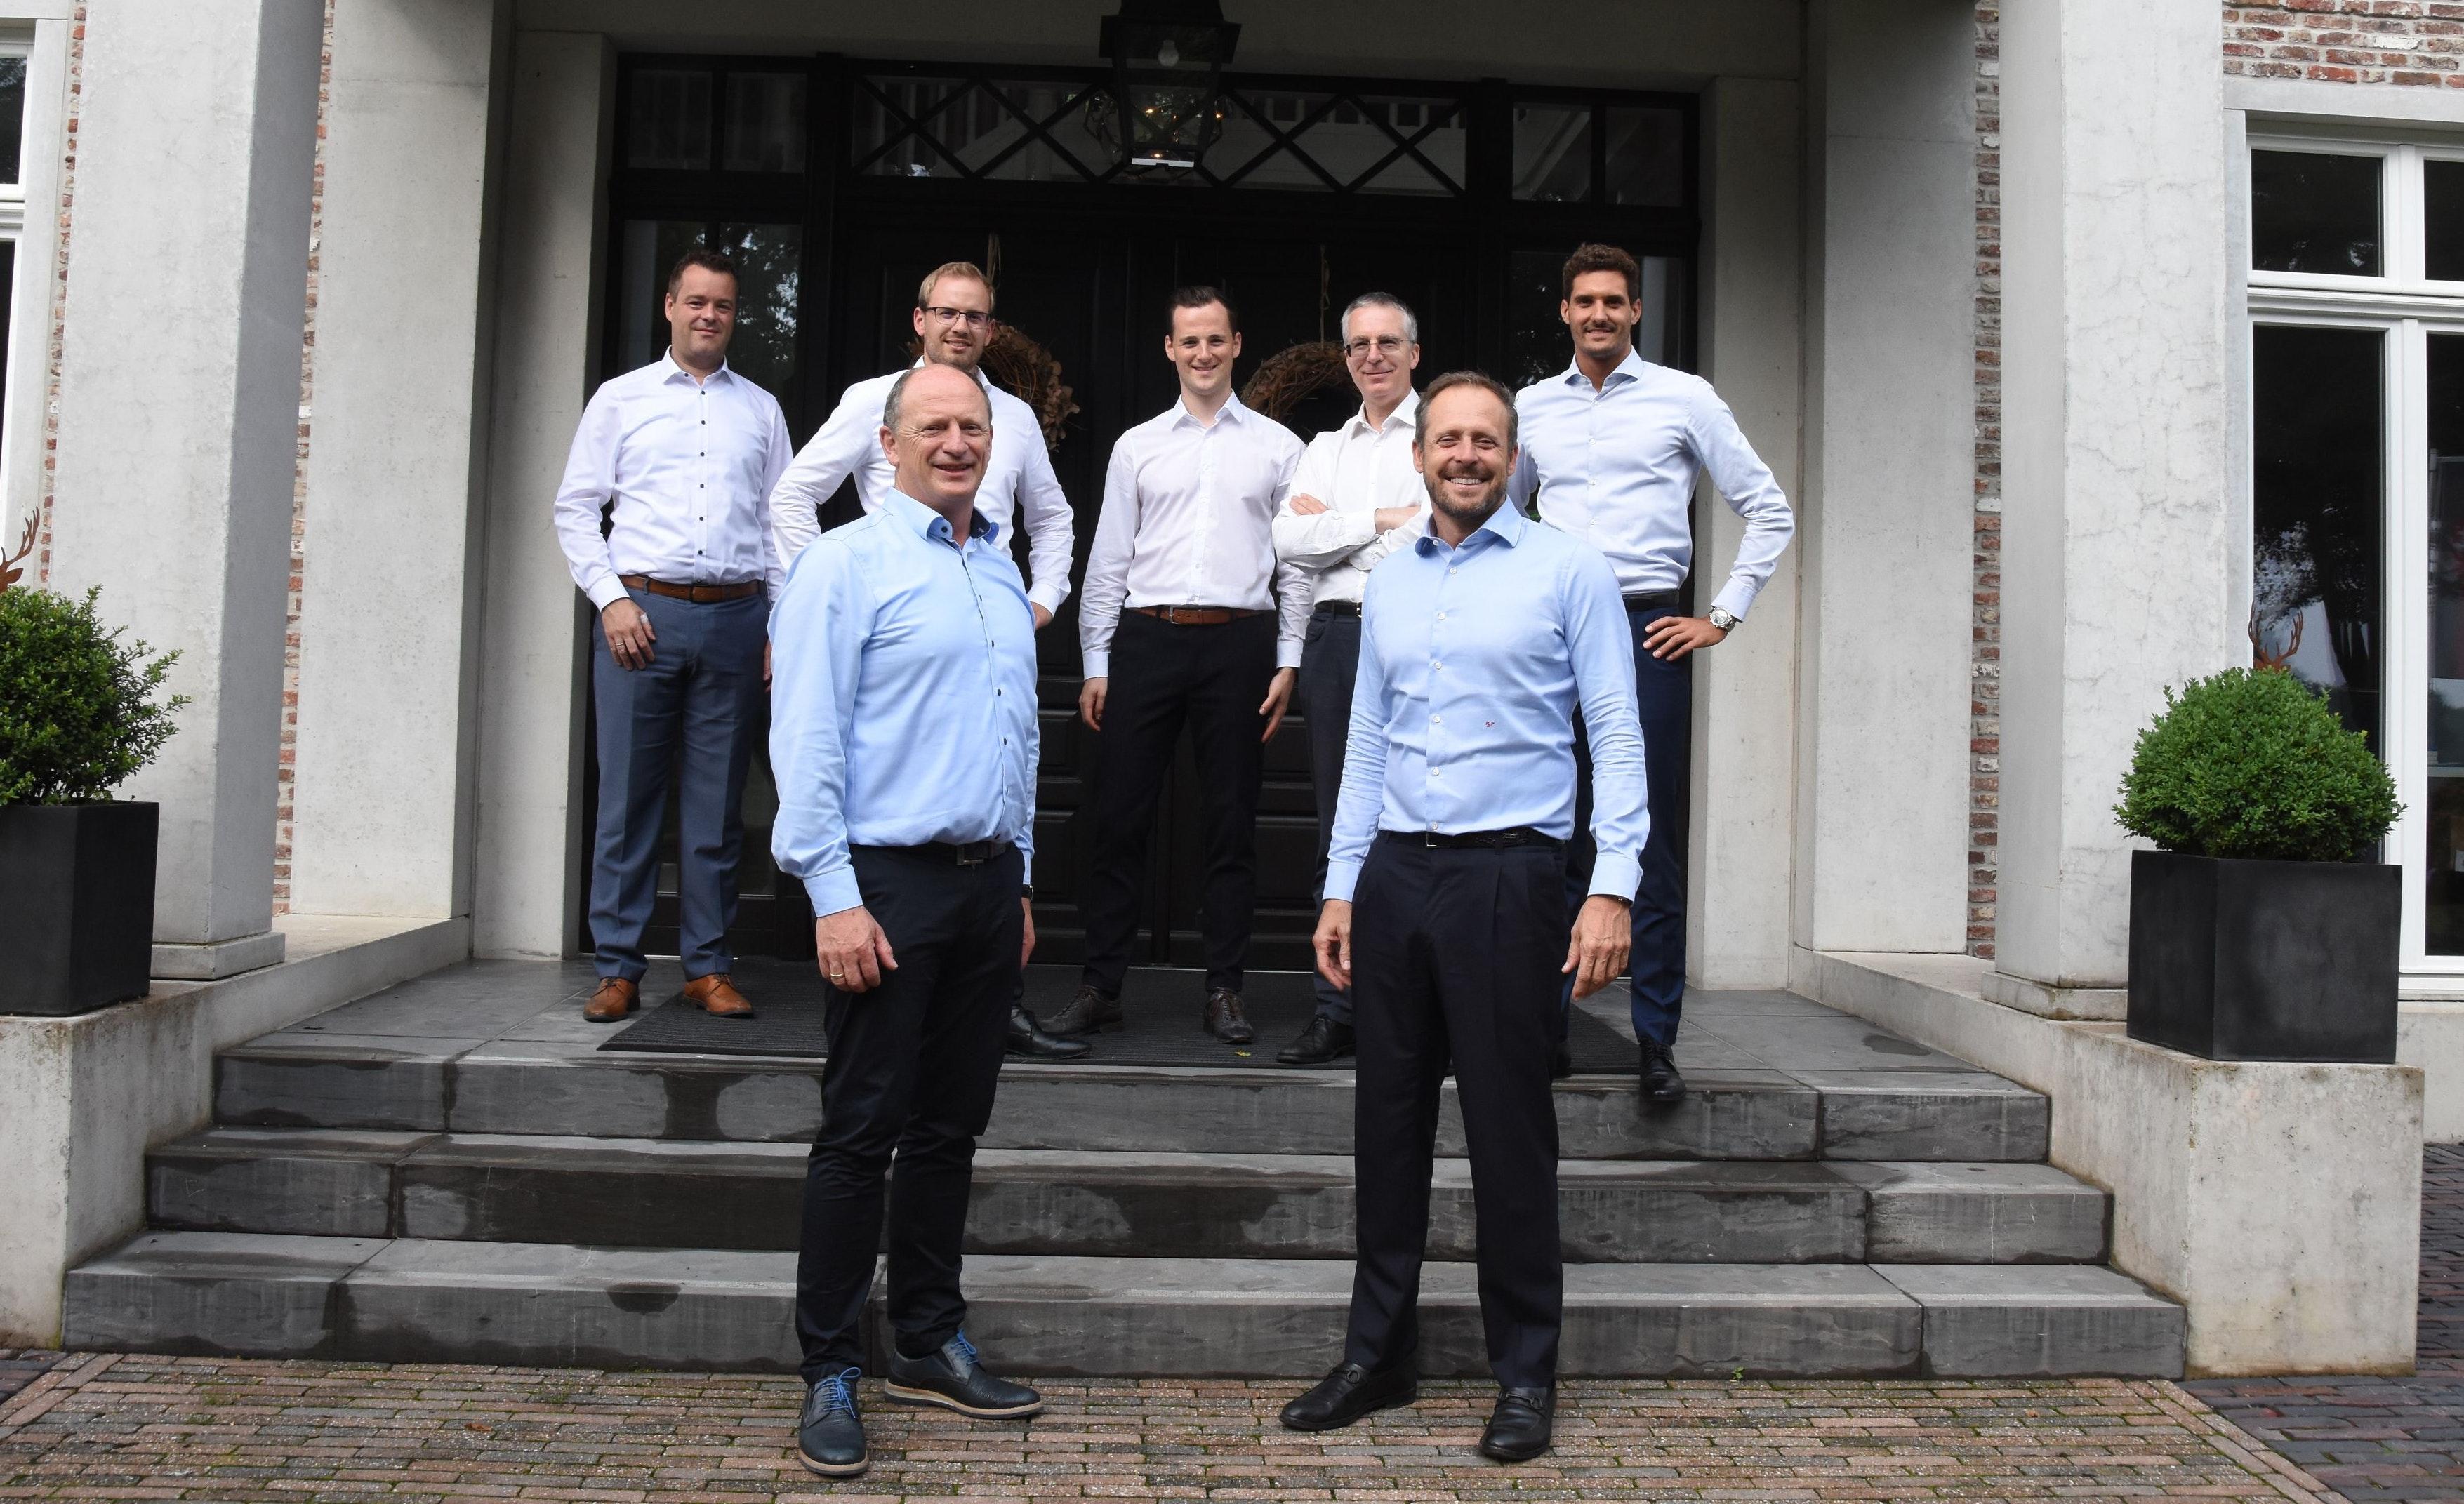 Freude über die Partnerschaft: (von links, vorne) Kunibert Ruhe (Geschäftsführer Ruhe Agrar) und Stefano Di Santo, Chef von Ecospray, nach dem Vertragsabschluss in Lüsche mit den weiteren Firmenvertretern (von links, hinten) Thomas Rolfes (Geschäftsführer Ruhe Agrar), Justus Ruhe (Ruhe Biogas Service), Max Ruhe (Geschäftsführer Ruhe Biogas Service), Giorgio Copelli (Ecospray) und Alberto Fanchini (Ecospray). Foto: Tzimurtas